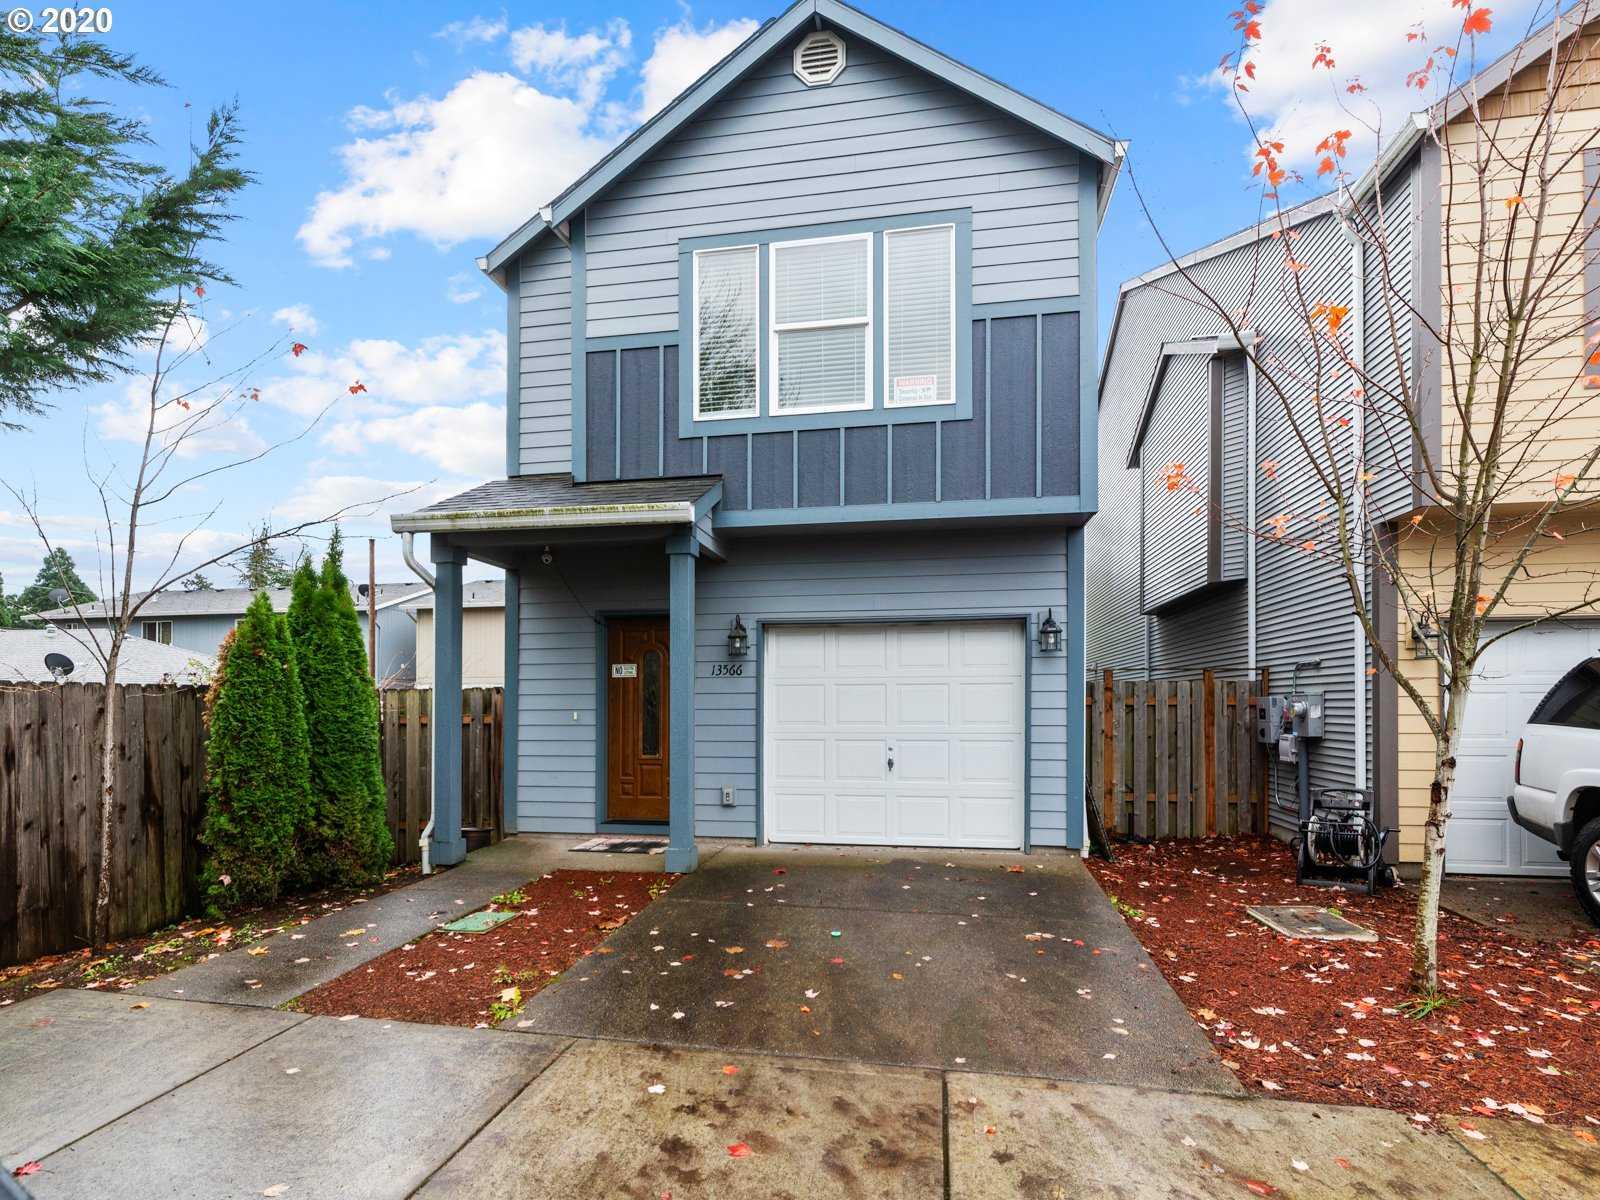 $320,000 - 3Br/3Ba -  for Sale in Atlantis, Portland